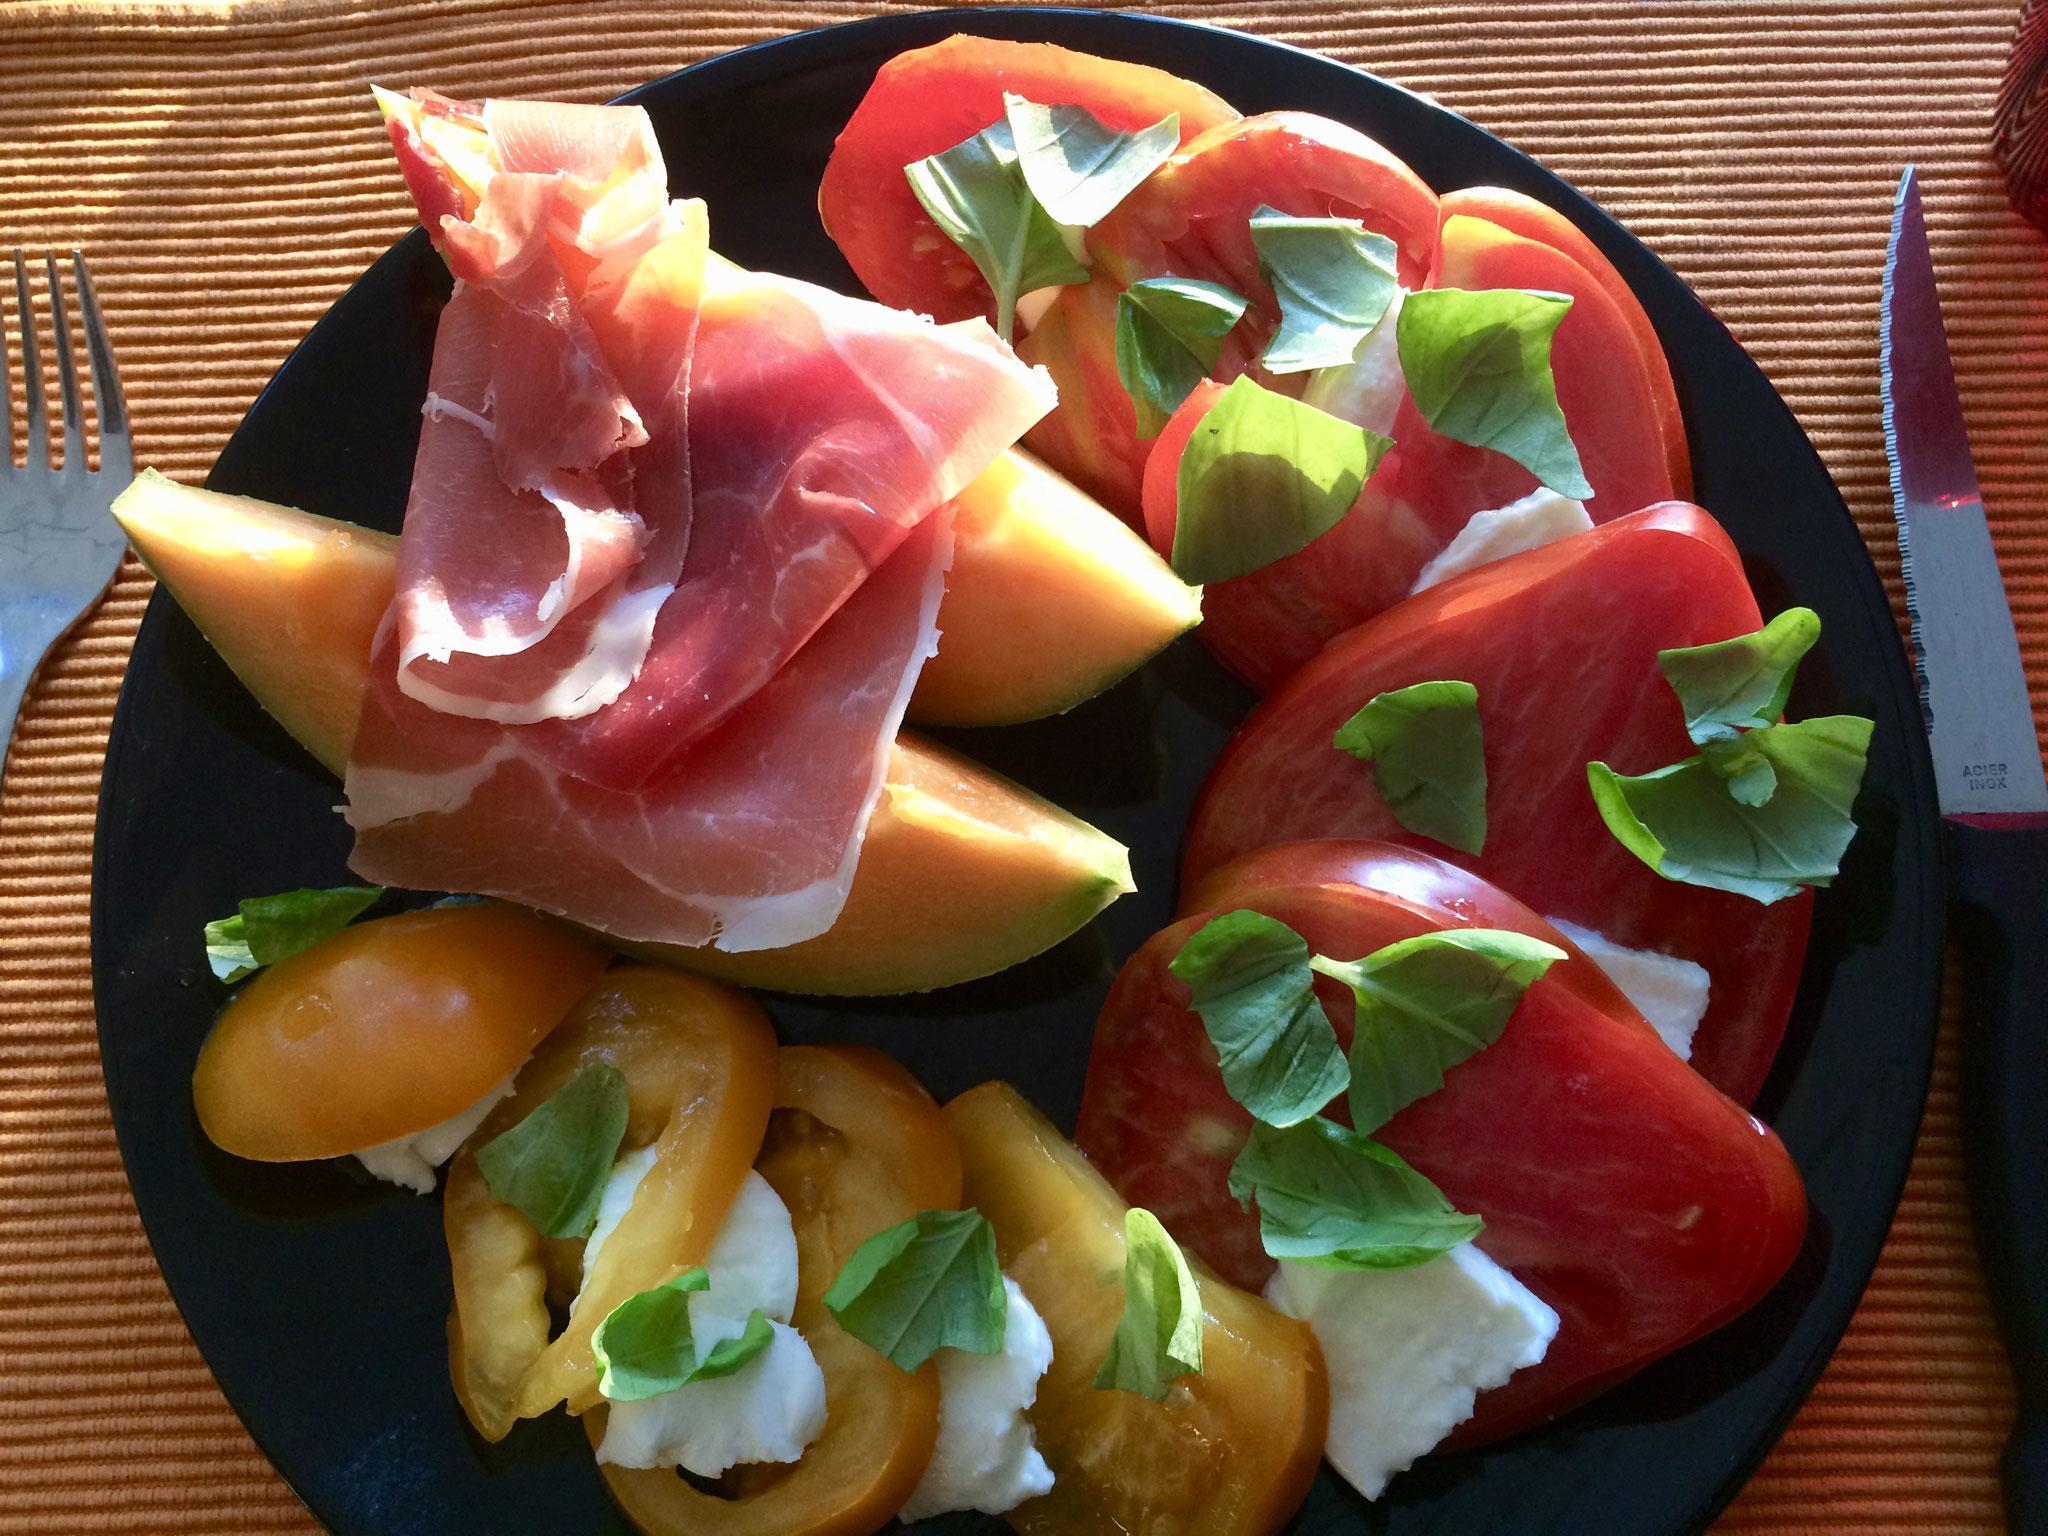 Domaine de Joreau - Table d'hôtes vitaminée et pleine de peps !